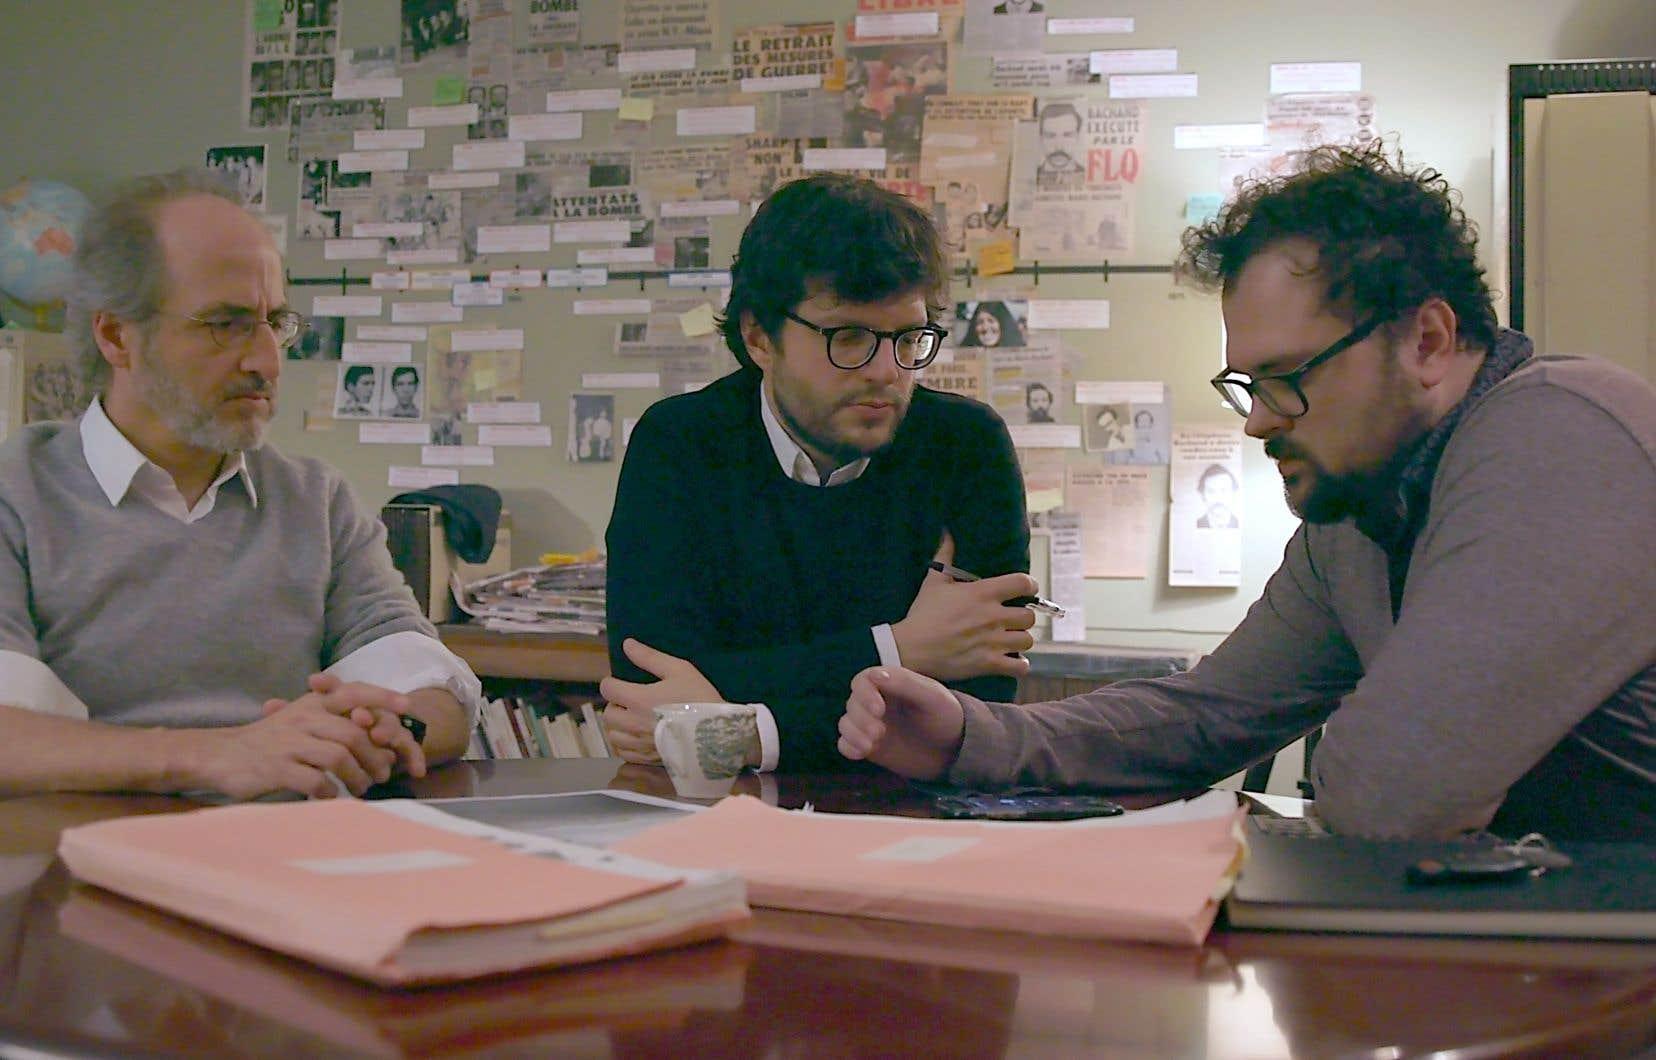 À travers six épisodes, le journaliste Antoine Robitaille (à gauche) et l'historien Dave Noël (au centre), accompagnés du documentariste Félix Rose, déplient les archives et remontent le fil du temps, sur les chemins du FLQ, depuis sa naissance en 1963 jusqu'à son éclatement, au début des années1970.